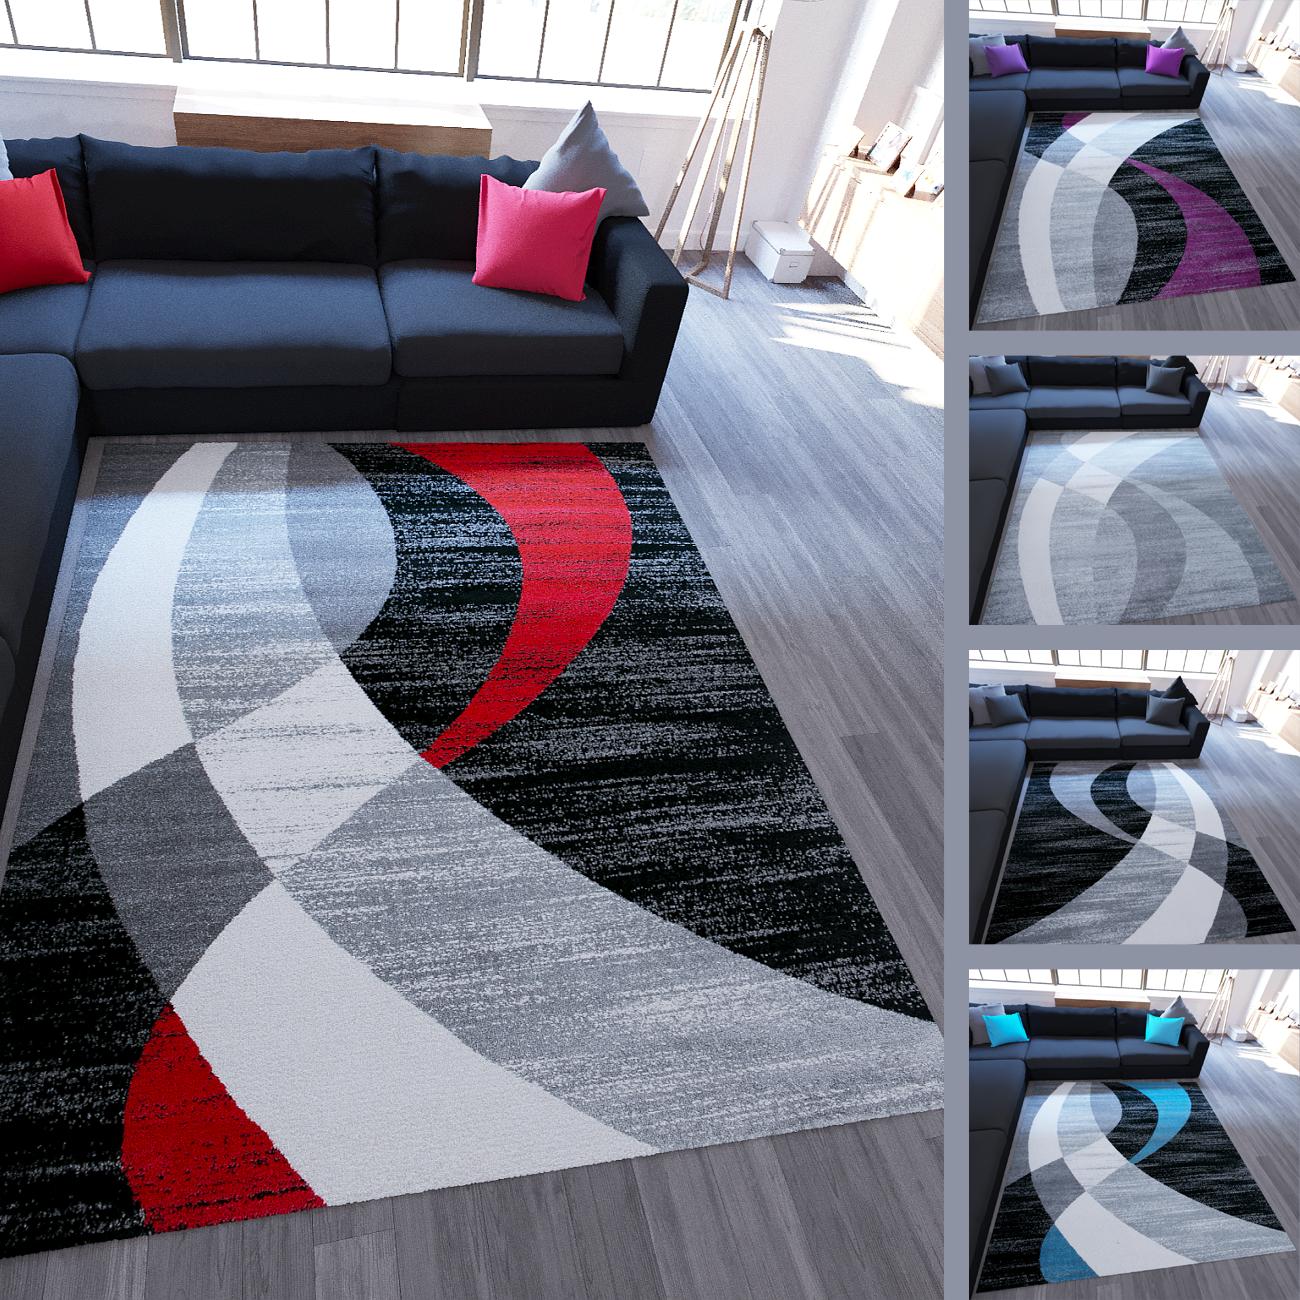 Breve Flor Tappeto Modern Design Scelta di Coloreee Nero Grigio Turchese Lilla strisce pattern